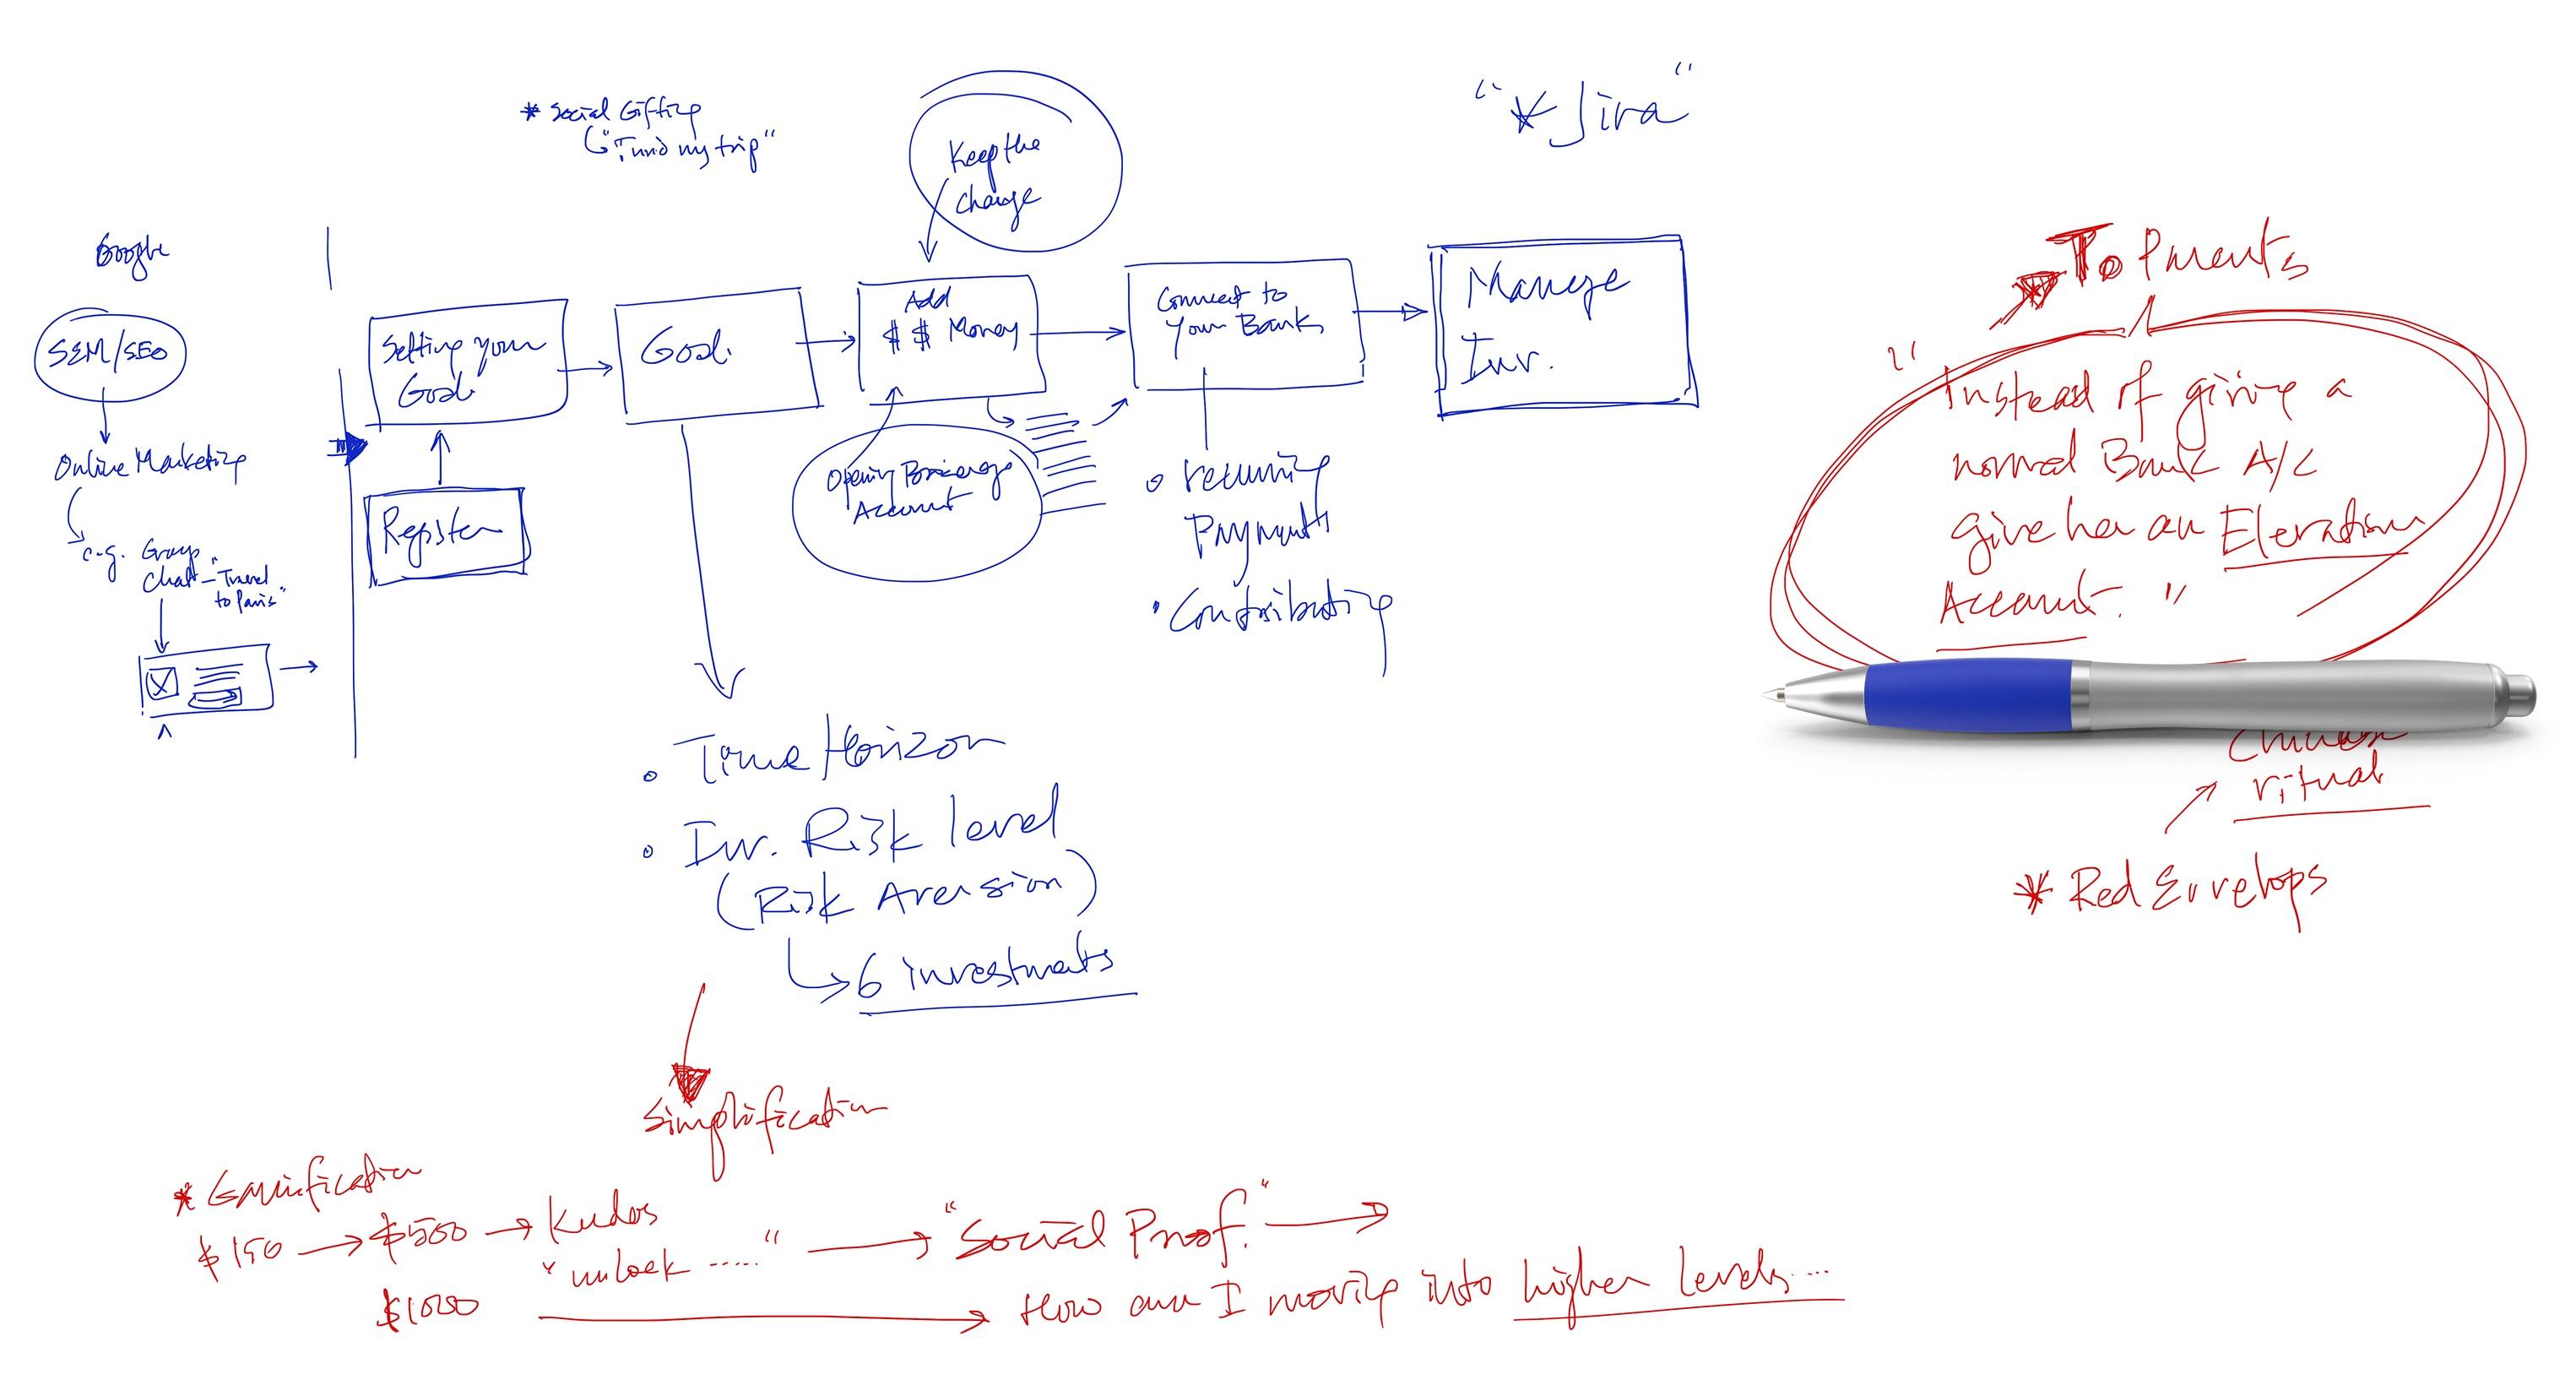 Evati-Design-Session-1